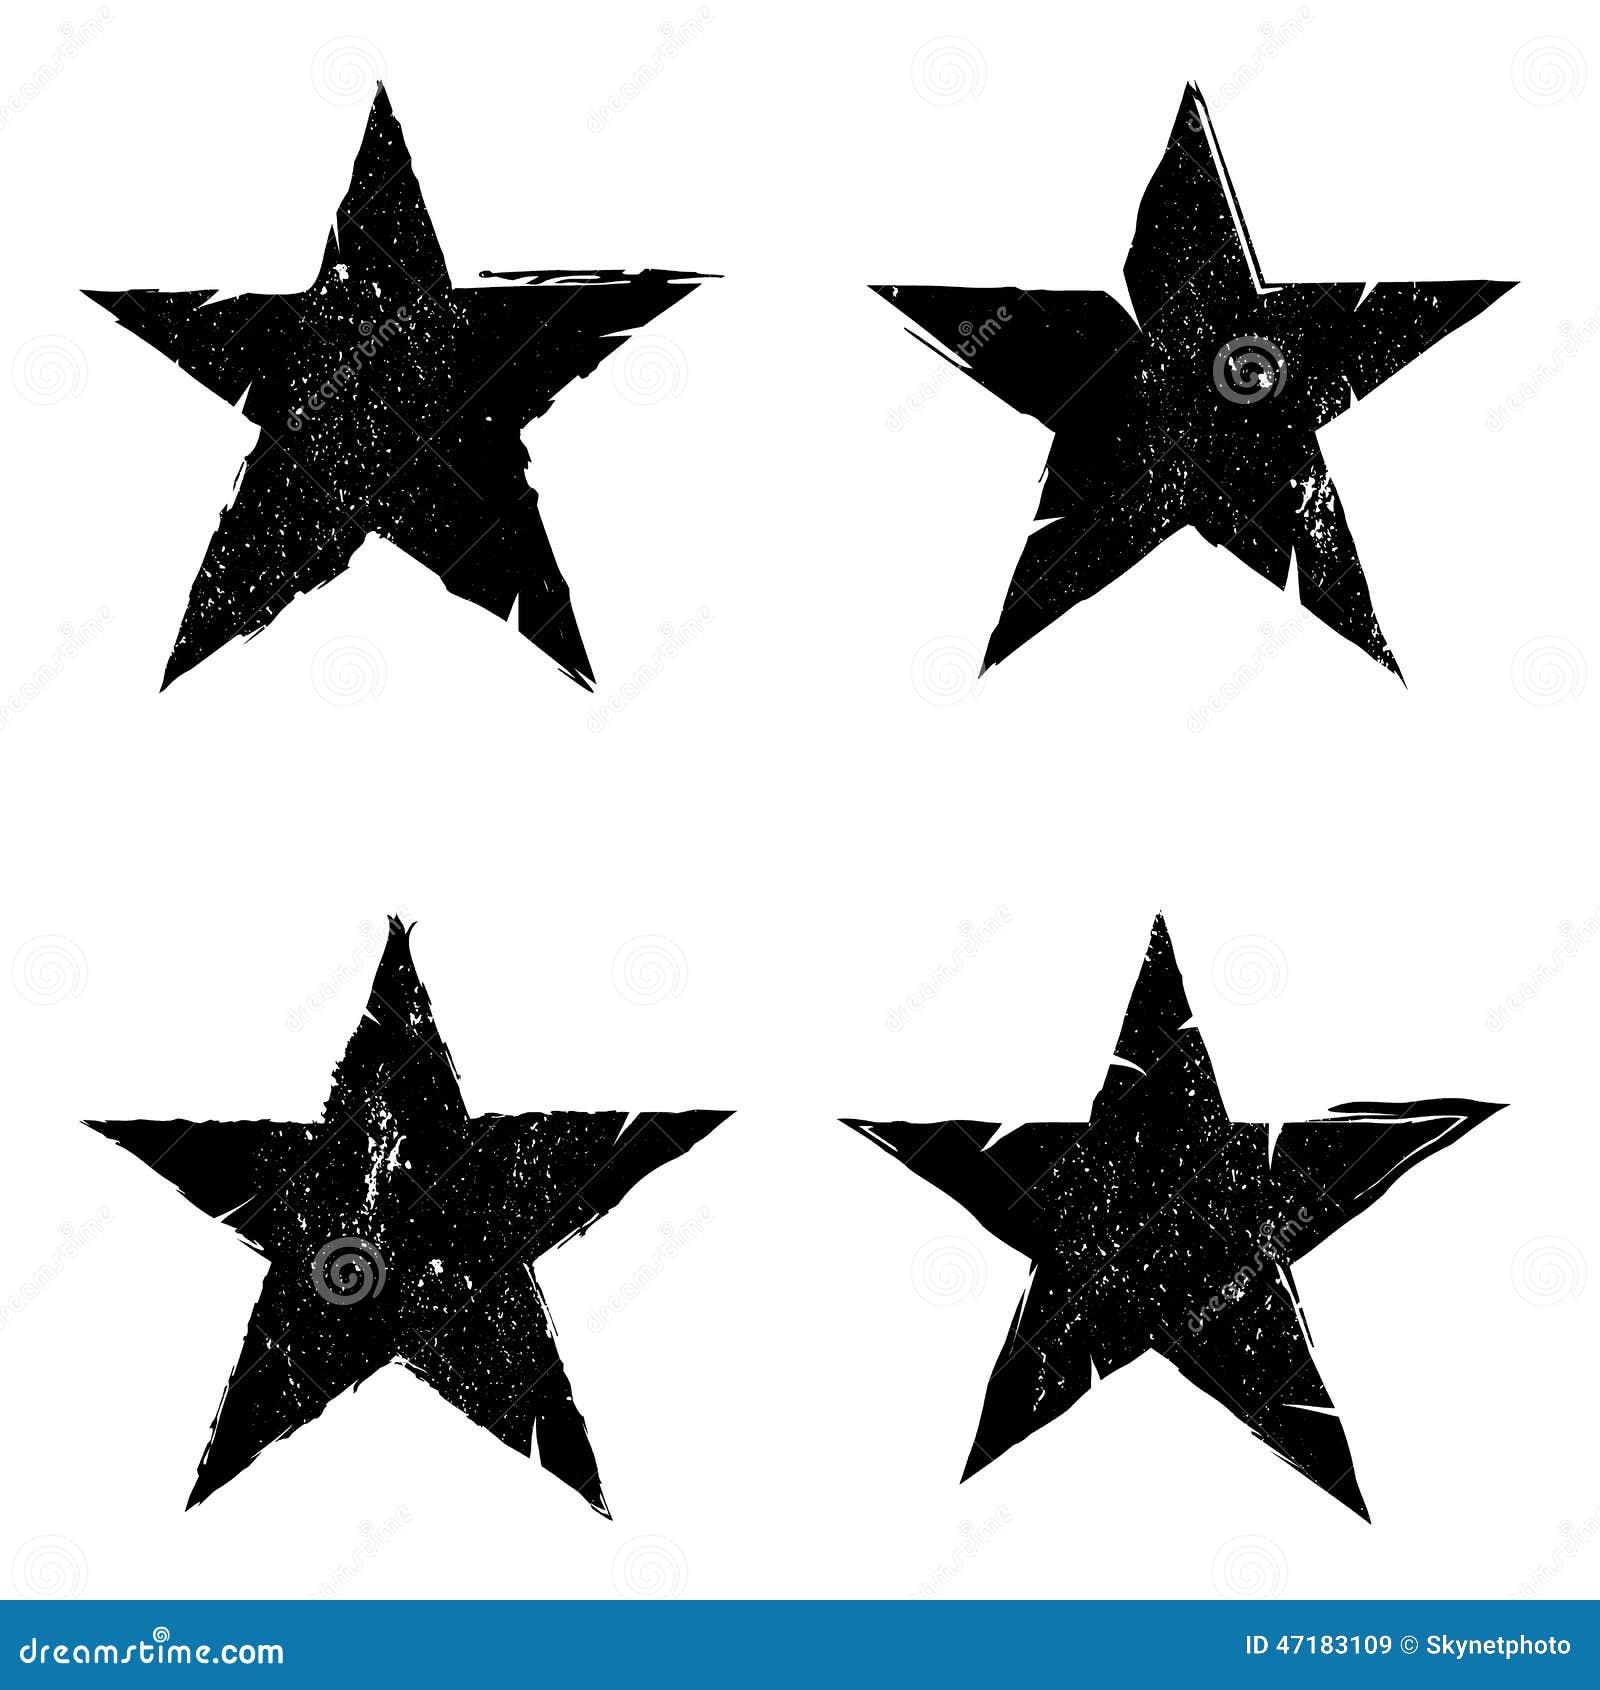 Grunge star background textures set